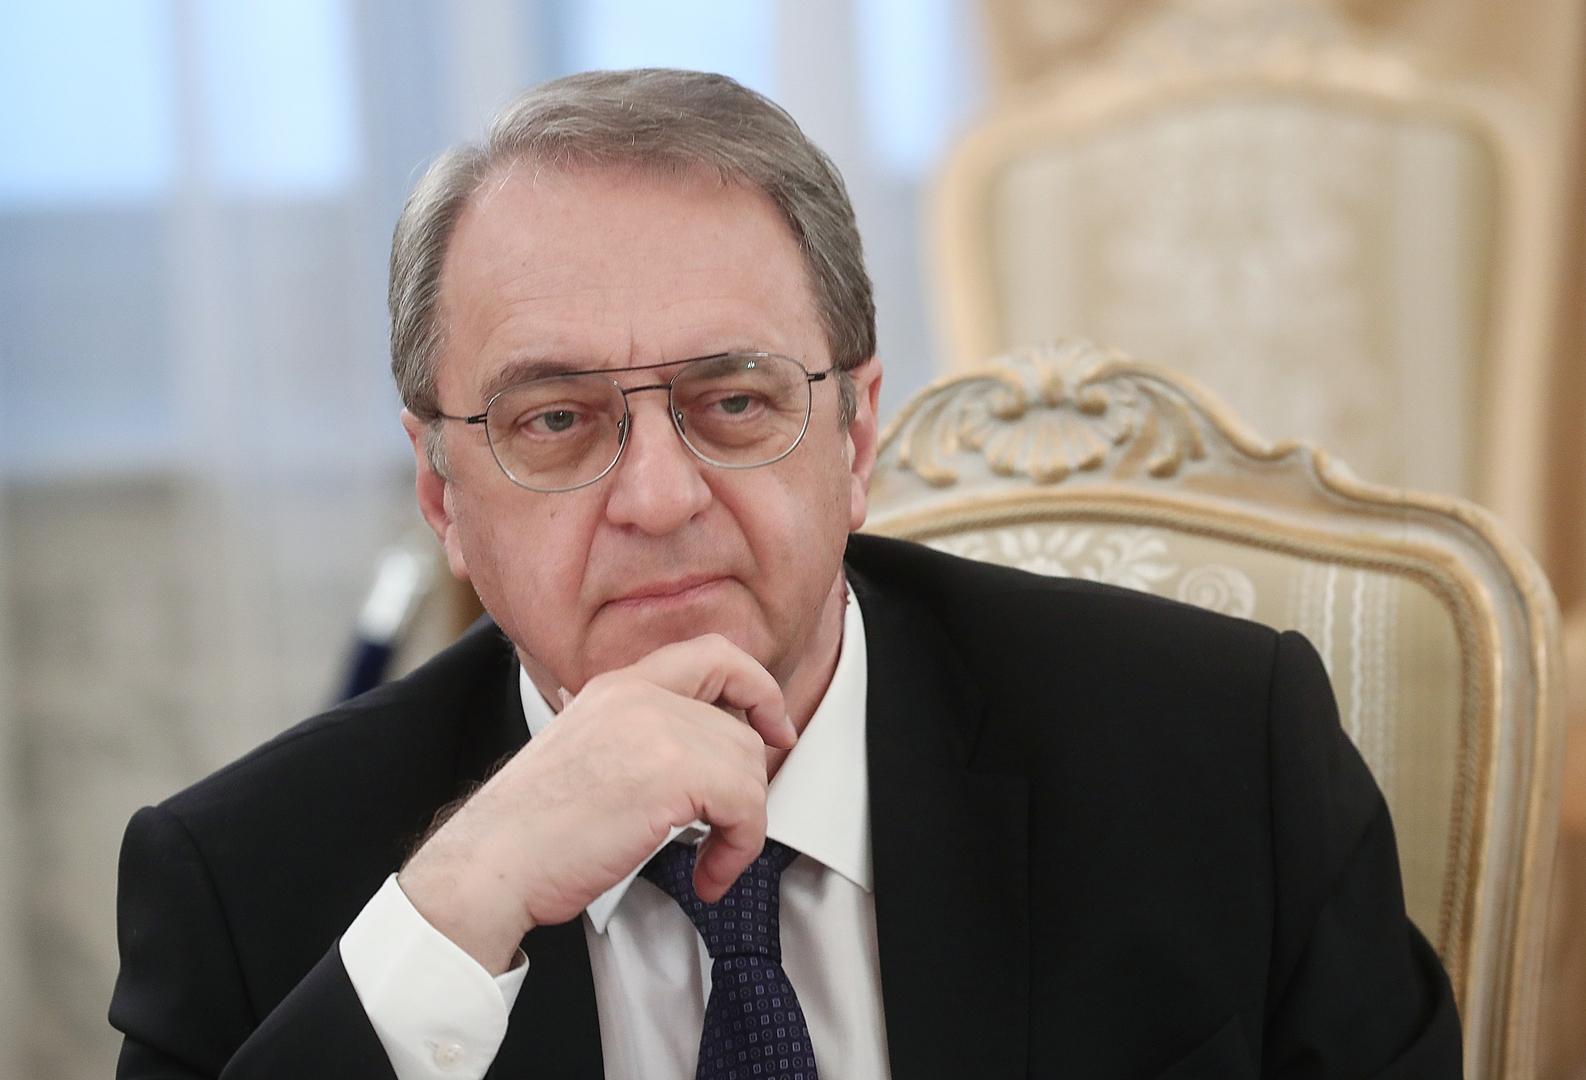 بوغدانوف: موسكو مستعدة لاستضافة اجتماع بين فصائل فلسطينية بمشاركة